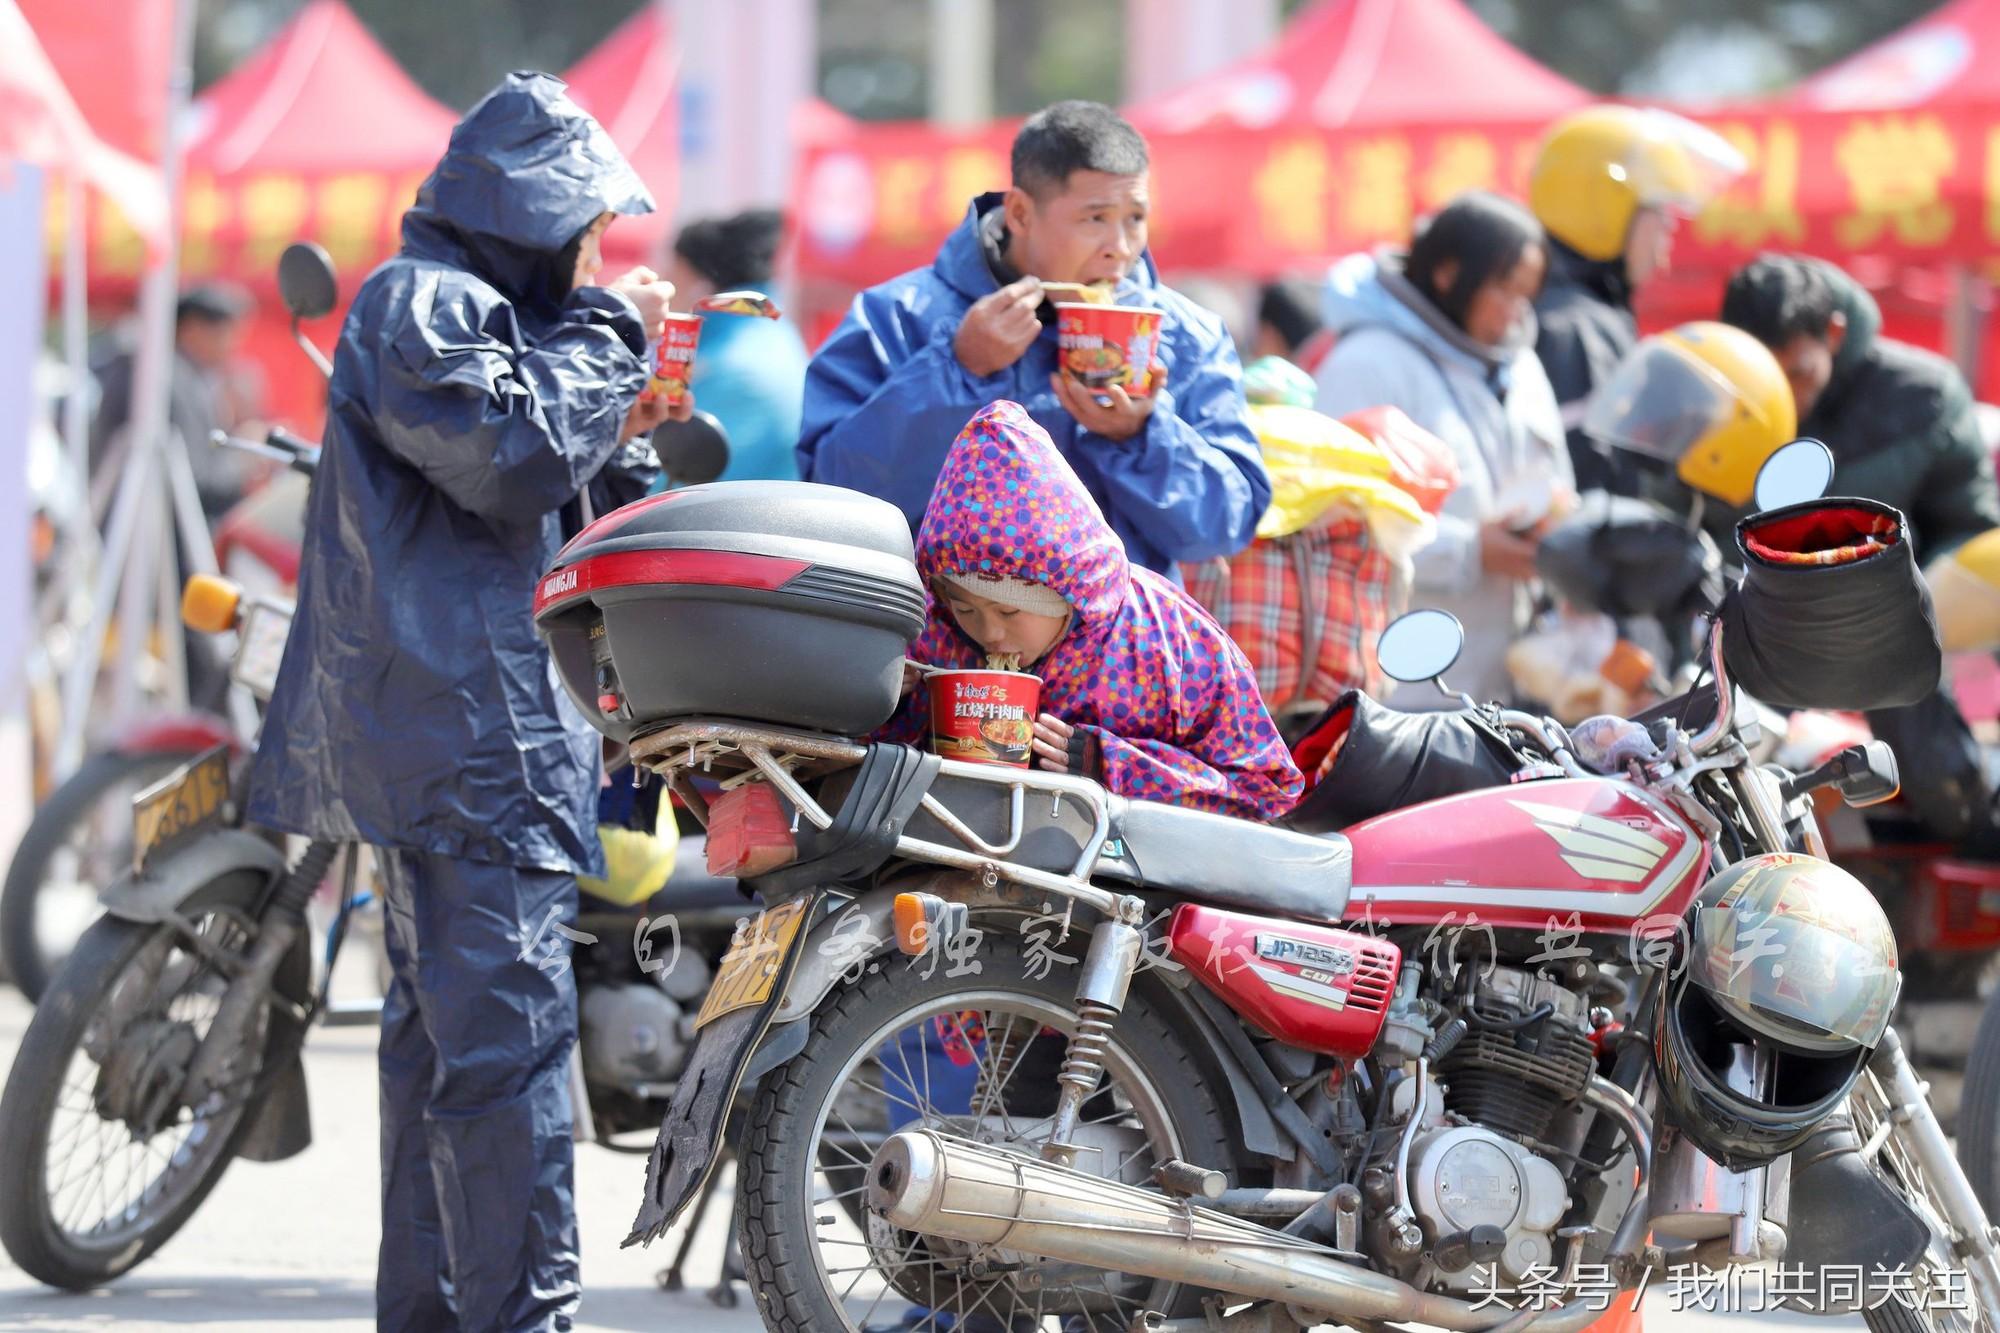 Ngán ngẩm cảnh đông đúc tại nhà xe bến tàu, hàng chục nghìn người Trung Quốc phượt trăm km về quê ăn Tết - Ảnh 12.